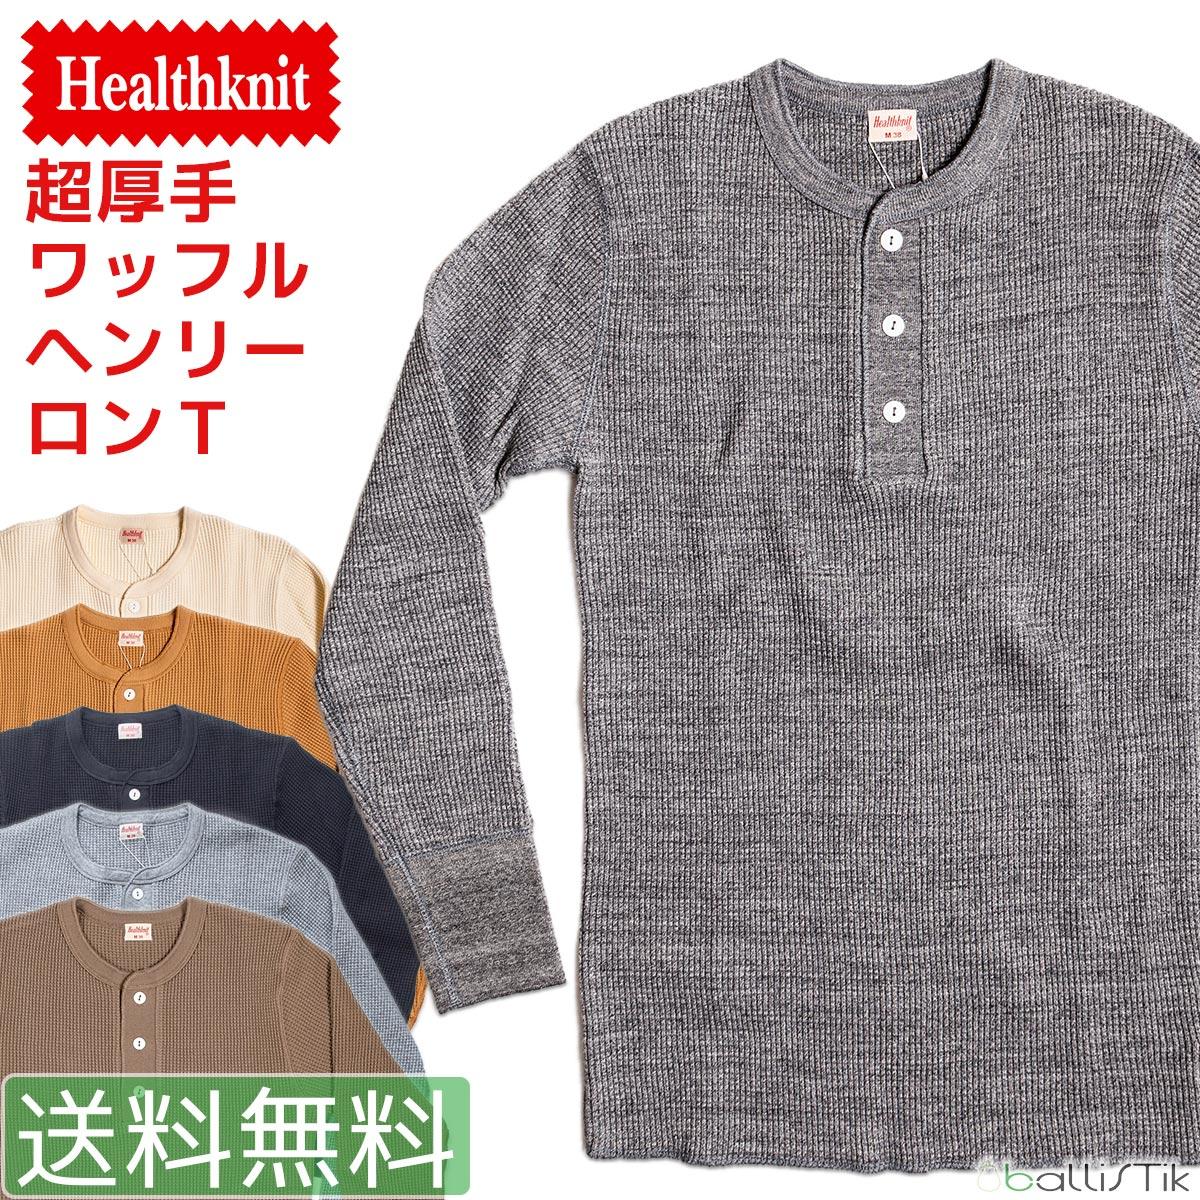 Healthknit ヘルスニット ヘンリーネック 長袖Tシャツ ロンT サーマル ワッフル 無地 カットソー 990 メンズ レディース ストリート 【 送料無料 あす楽 】